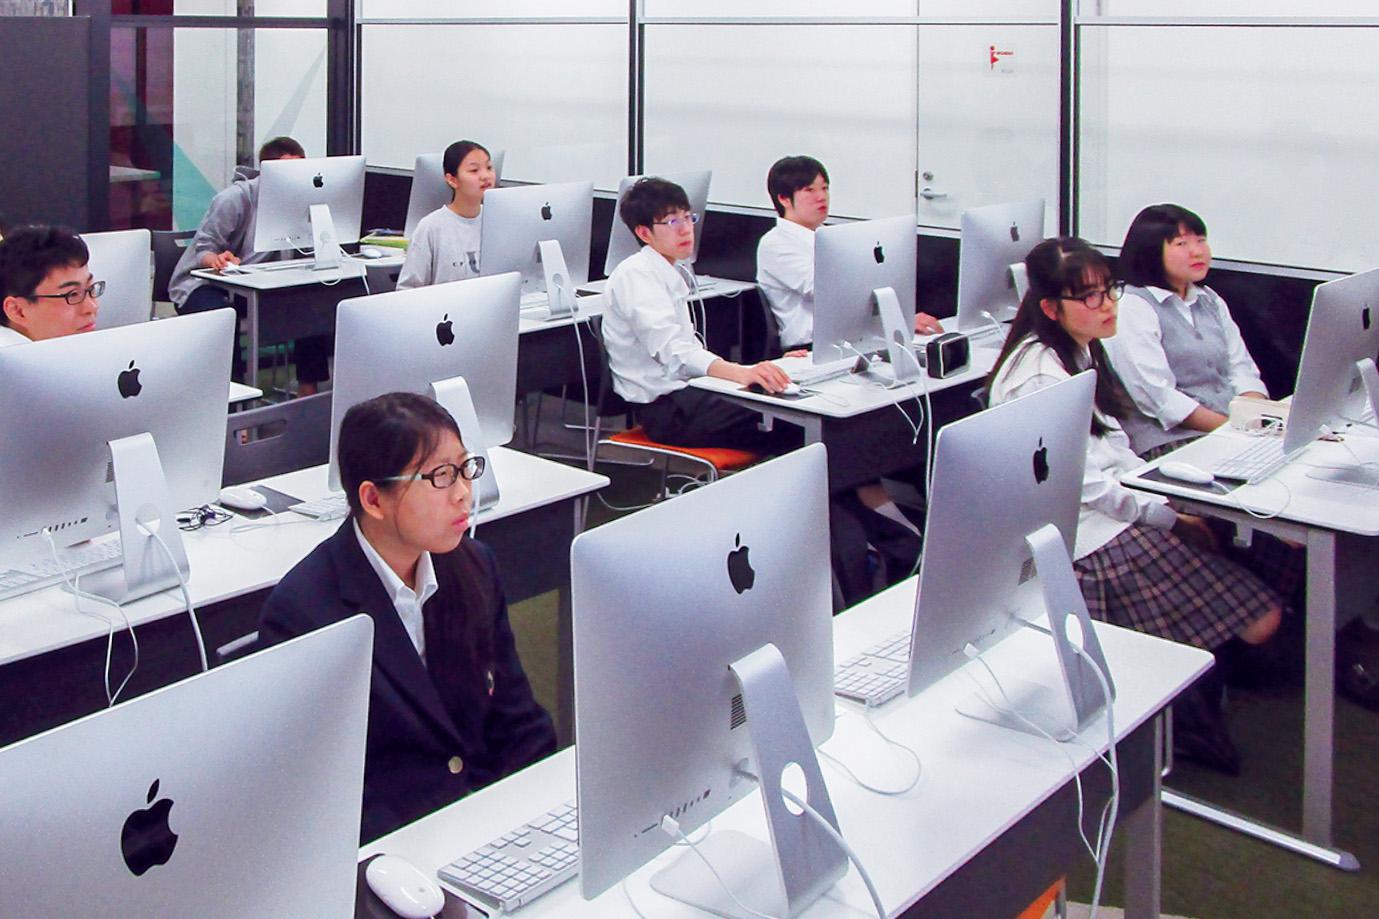 パソコンに向かう学生